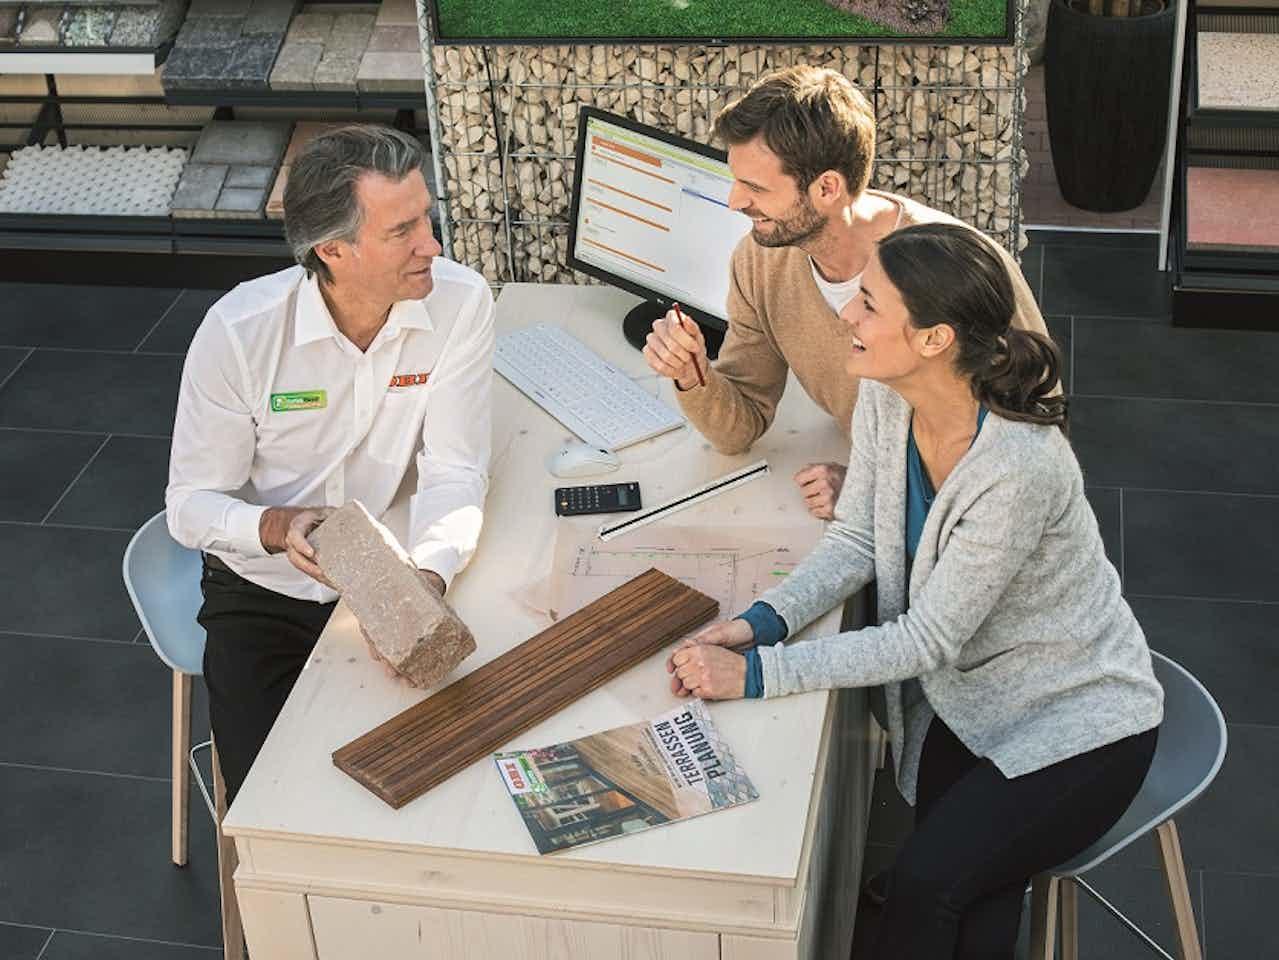 Kunden werden bei ihrem Gartenprojekt im OBI-Markt beraten